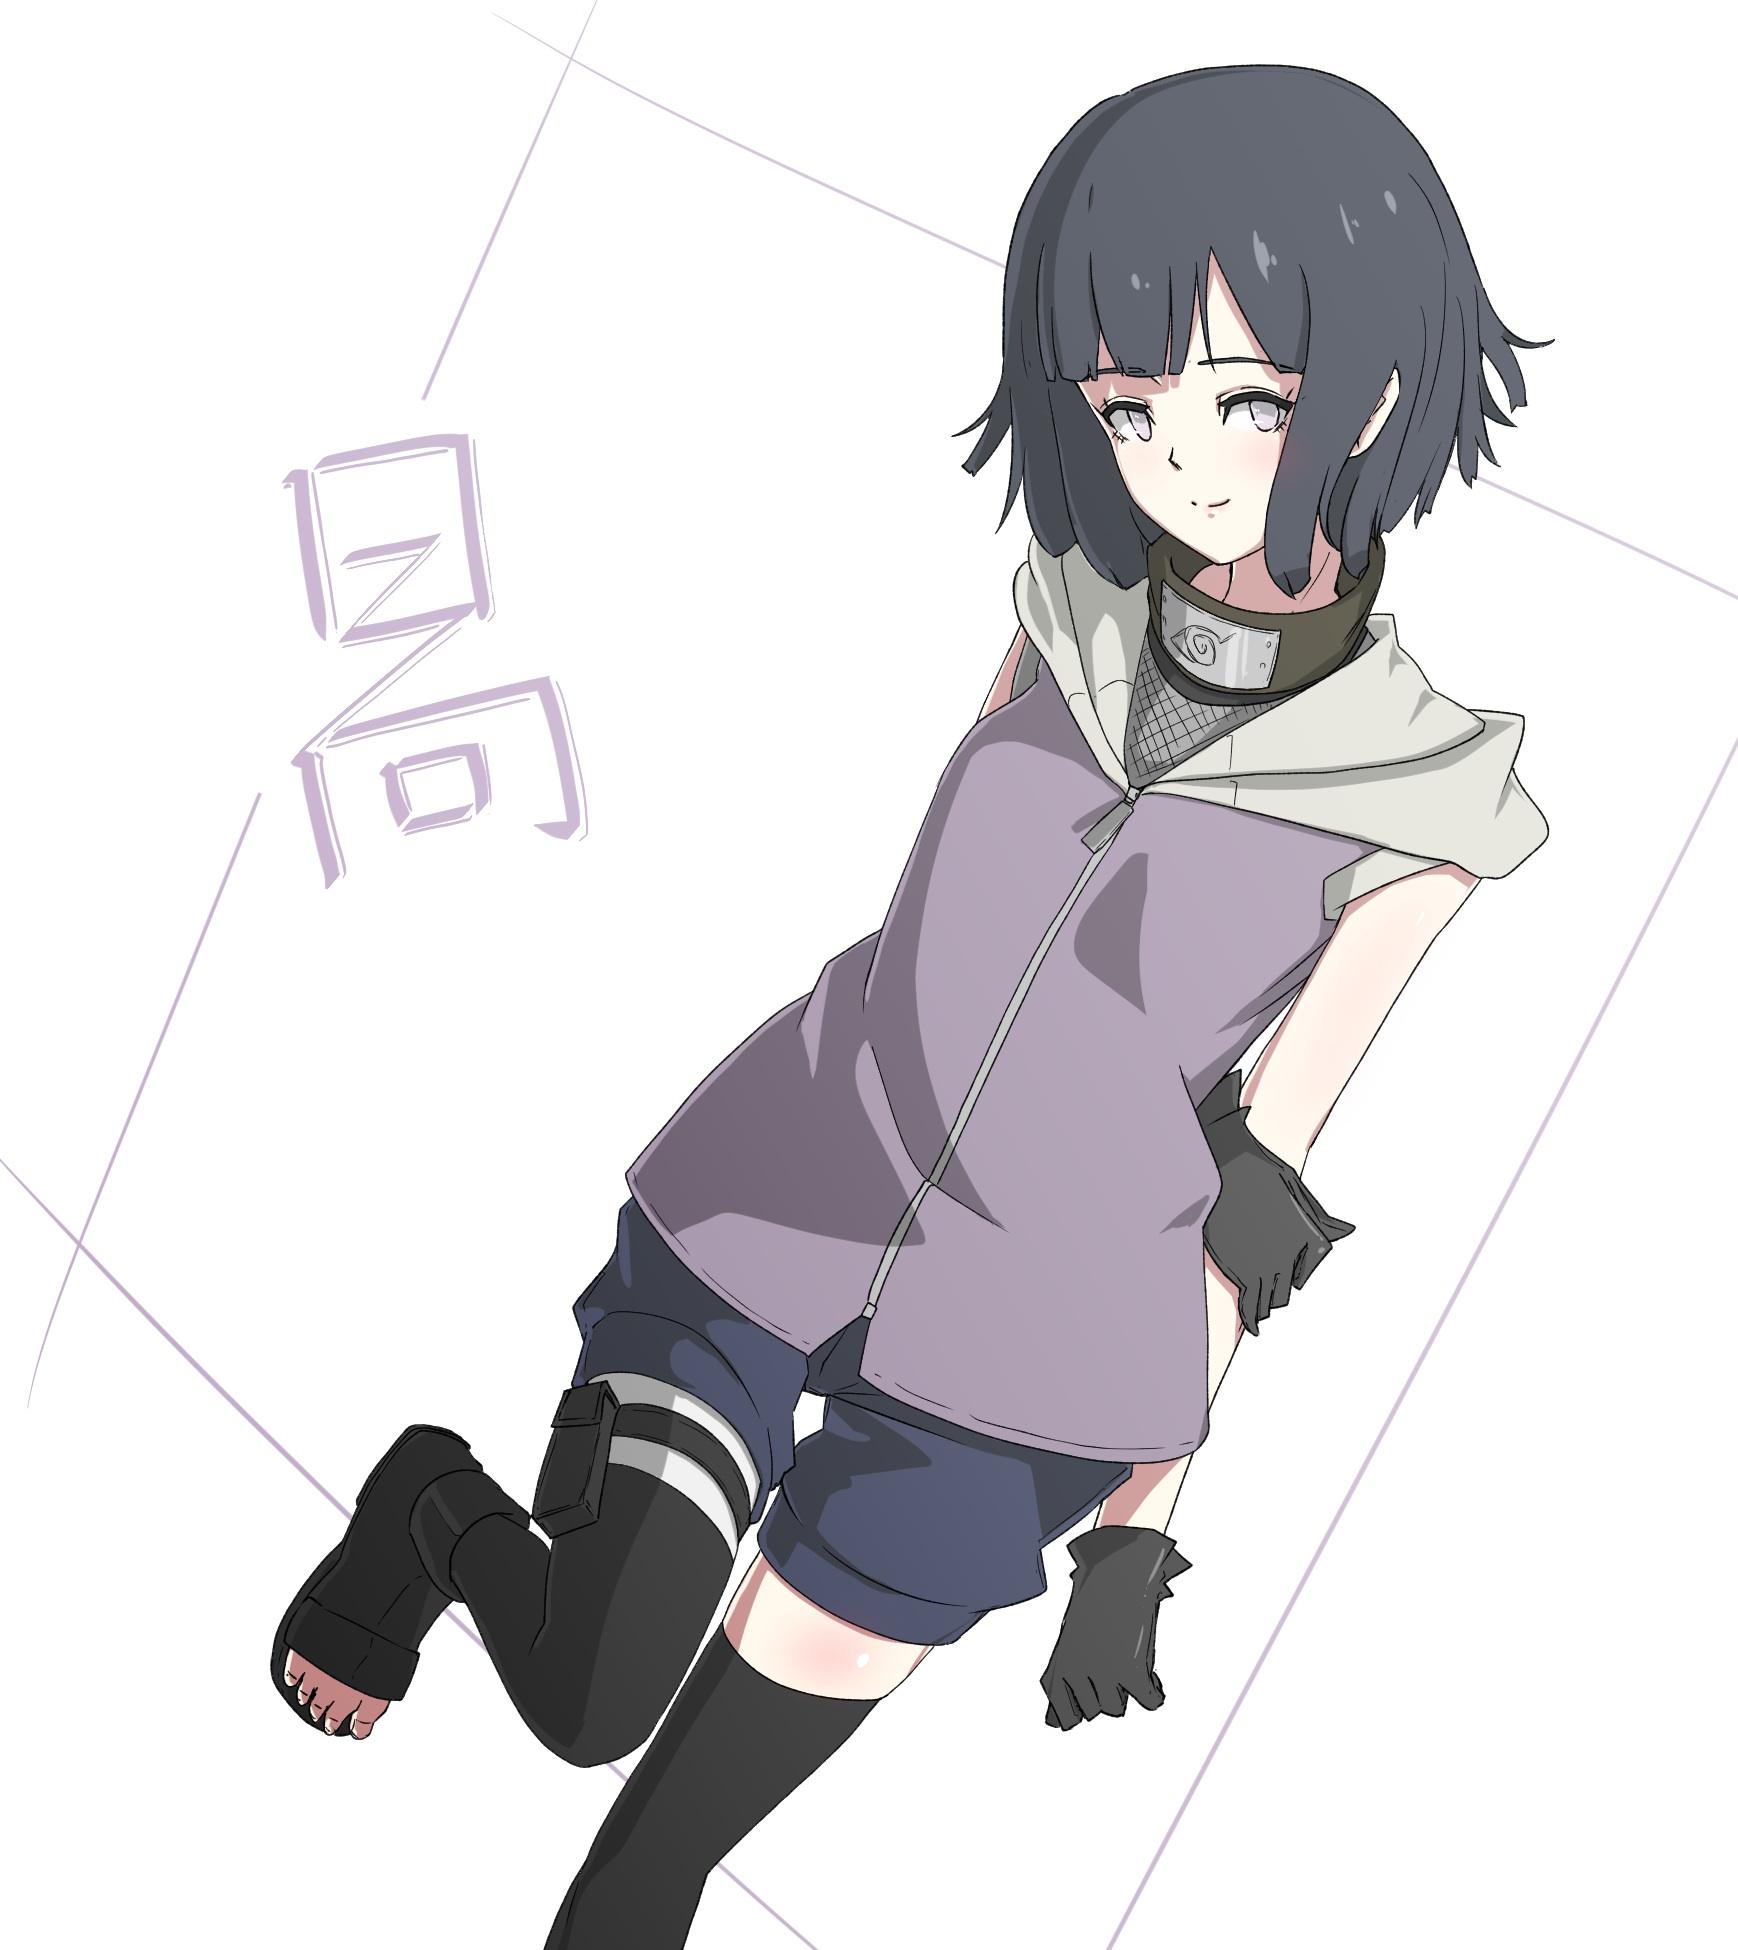 Hyuuga Hinata Hinata Hyuuga Naruto Image 2234103 Zerochan Anime Image Board